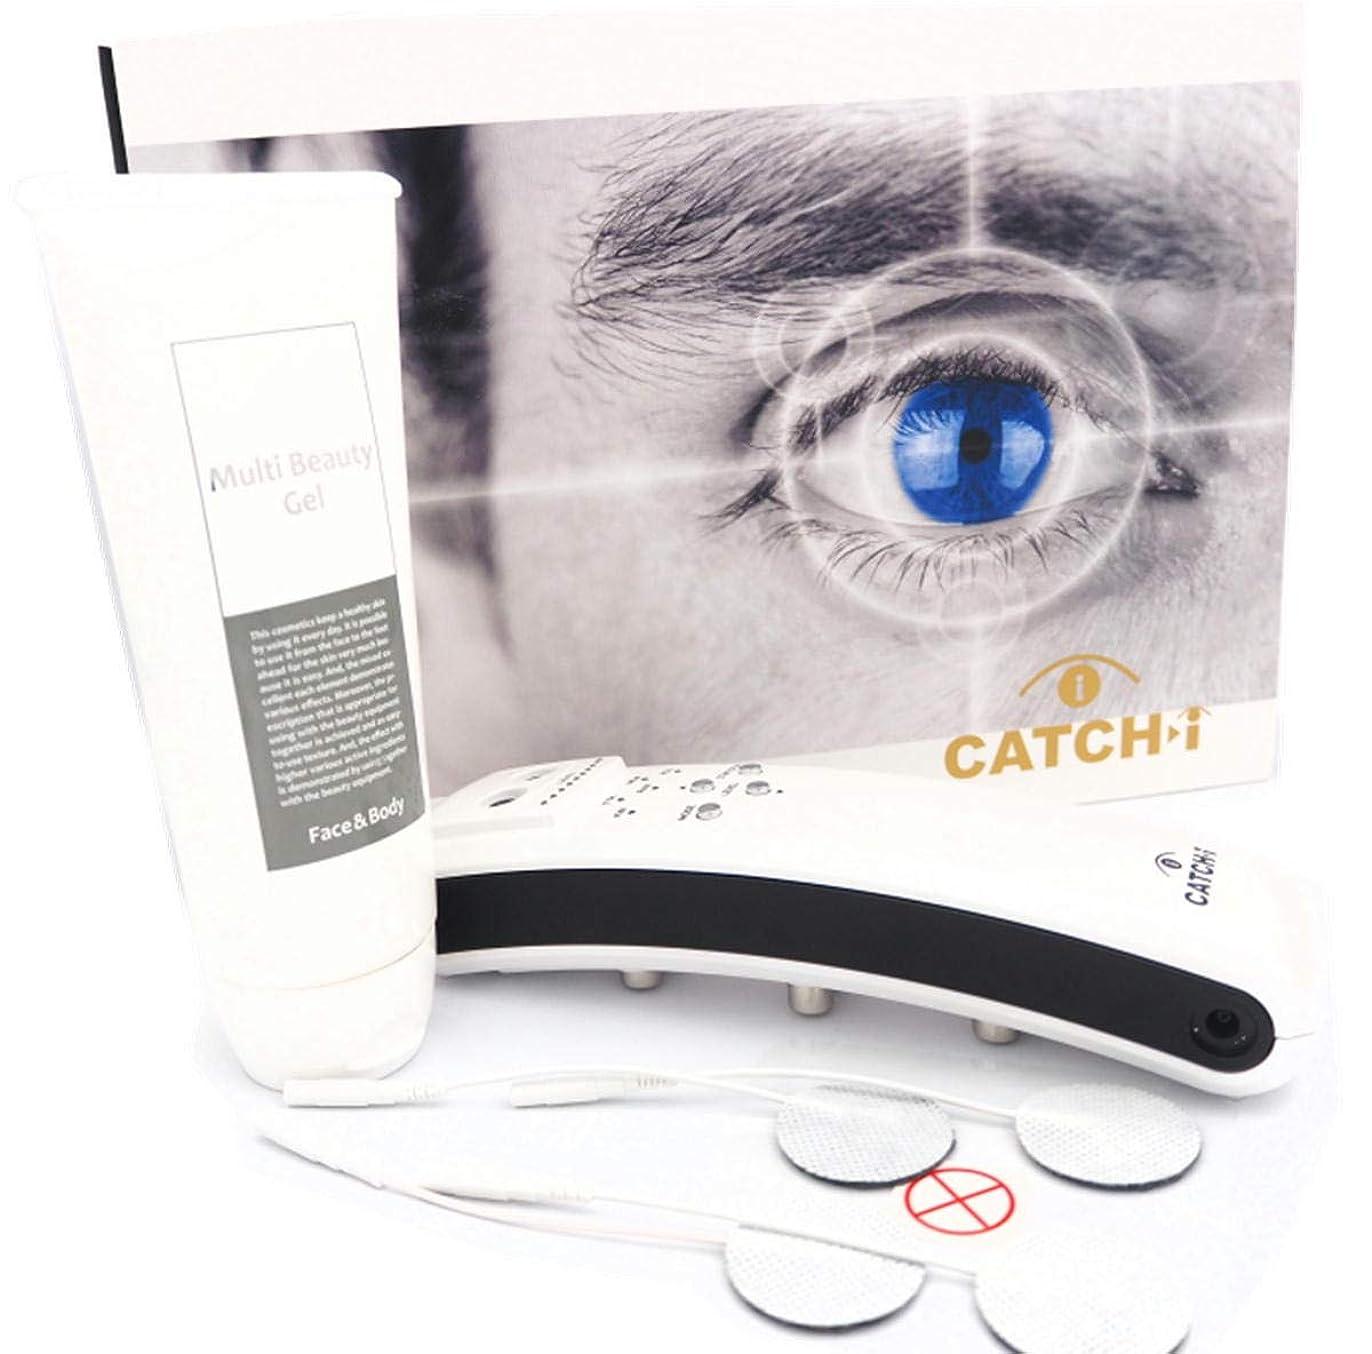 の配列取得副キャッチ アイ CATCH-I 眼筋トレーニングマシン EMS 低周波 日本製 キャッチアイ